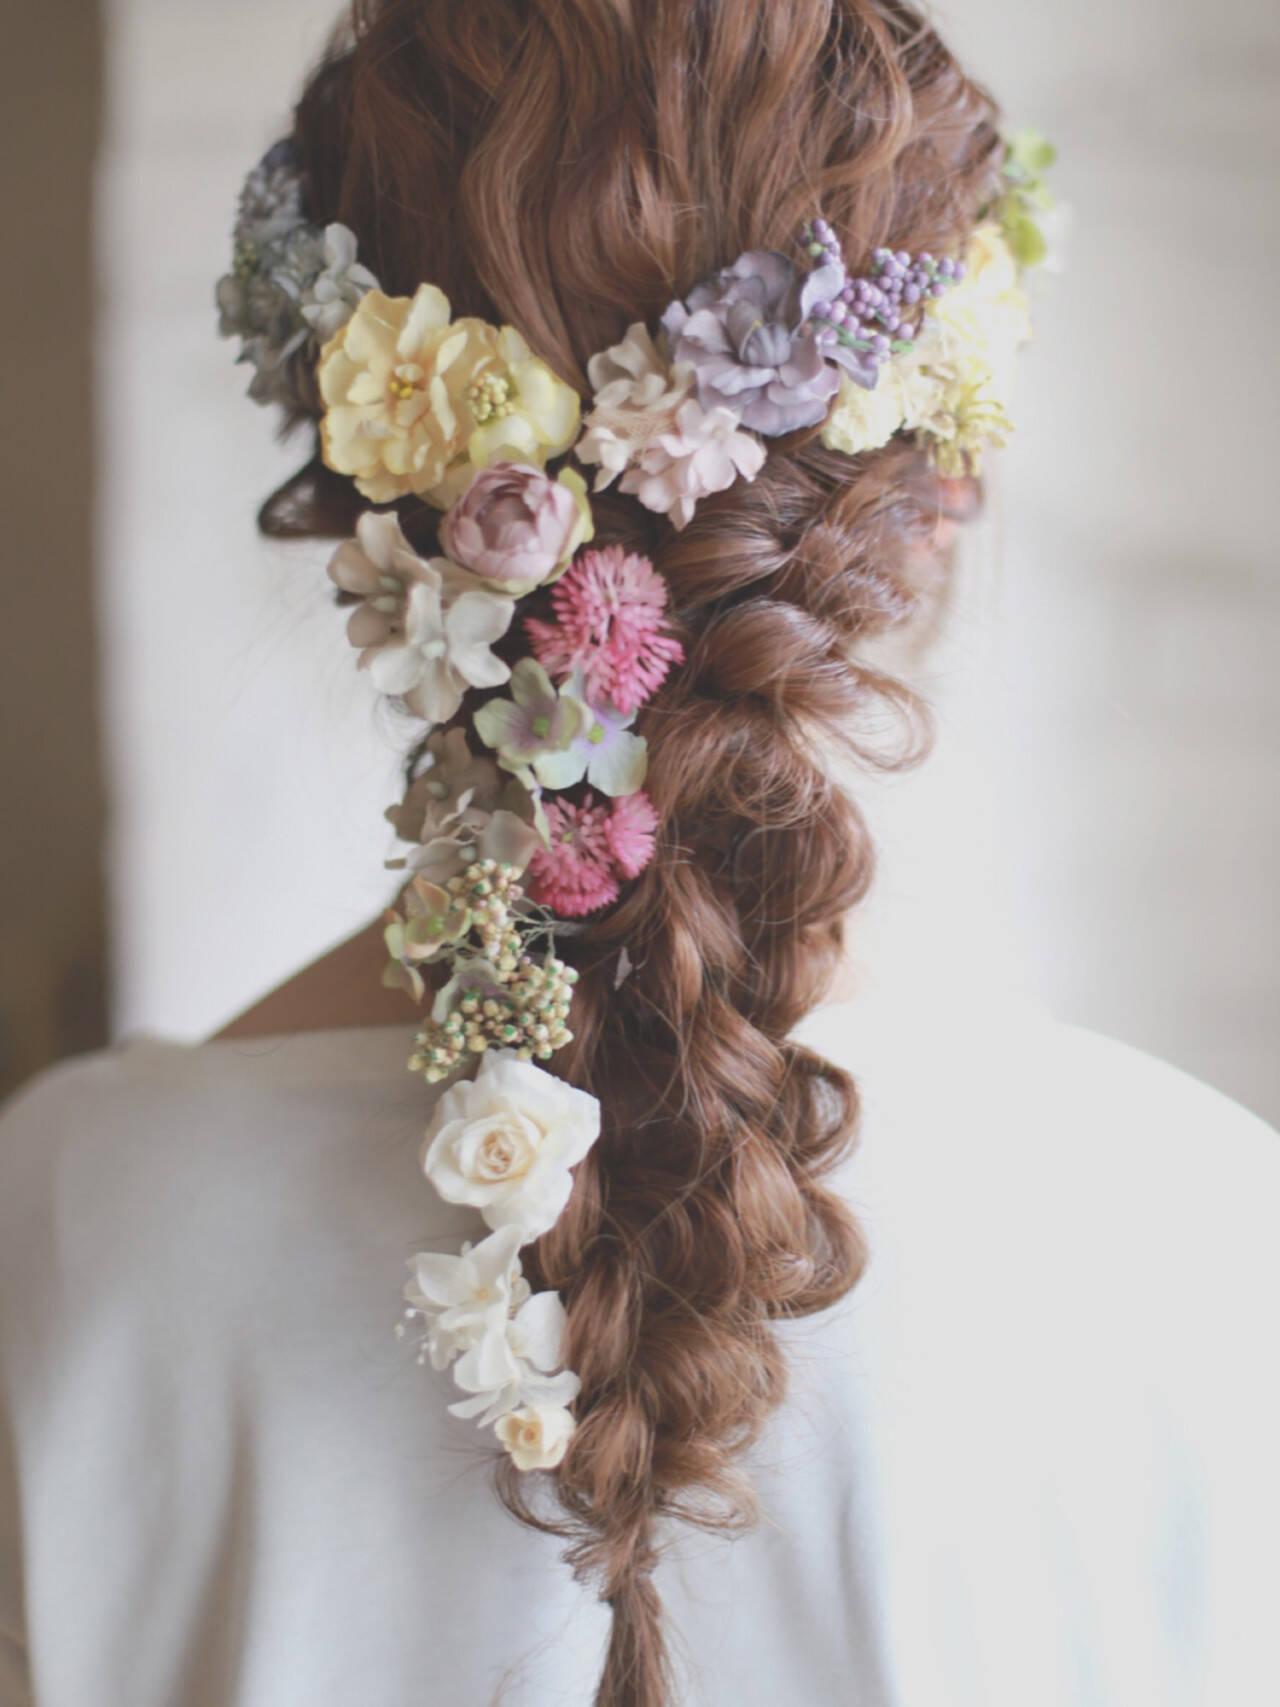 ヘアアレンジ セミロング フェミニン 成人式ヘアスタイルや髪型の写真・画像